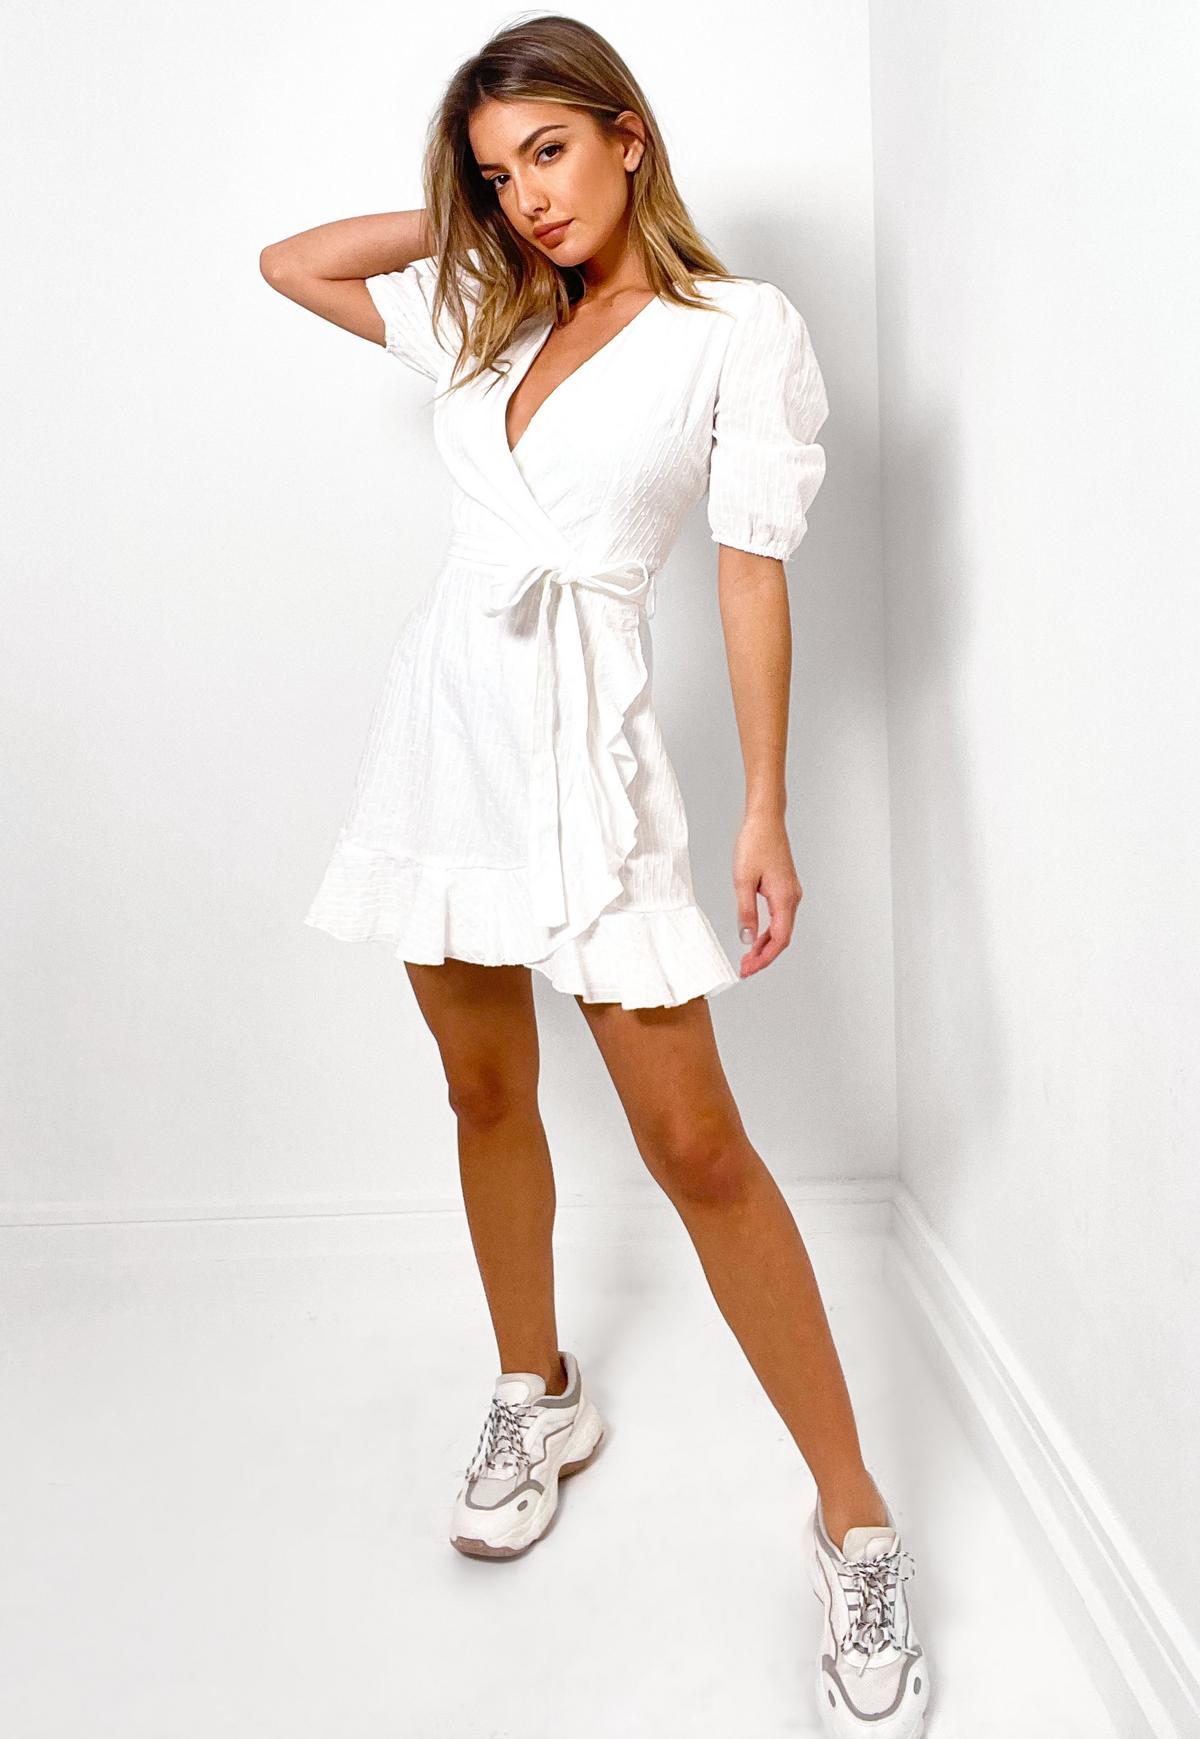 Minikleid mit Rüschensaum und Lochstickerei in Weiß